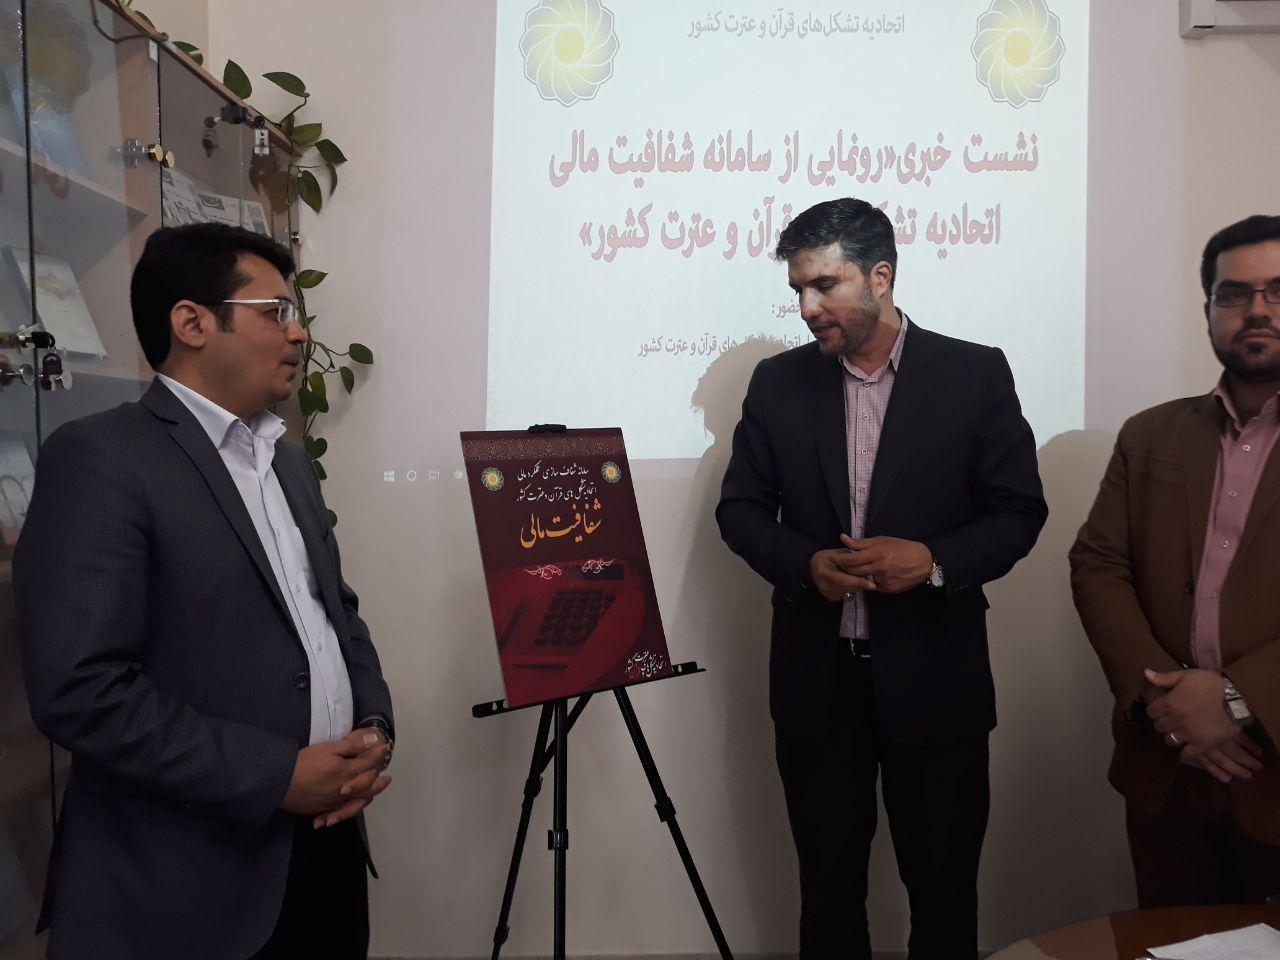 سامانه شفافیت مالی اتحادیه تشکلهای قرآن و عترت کشور رونمایی شد